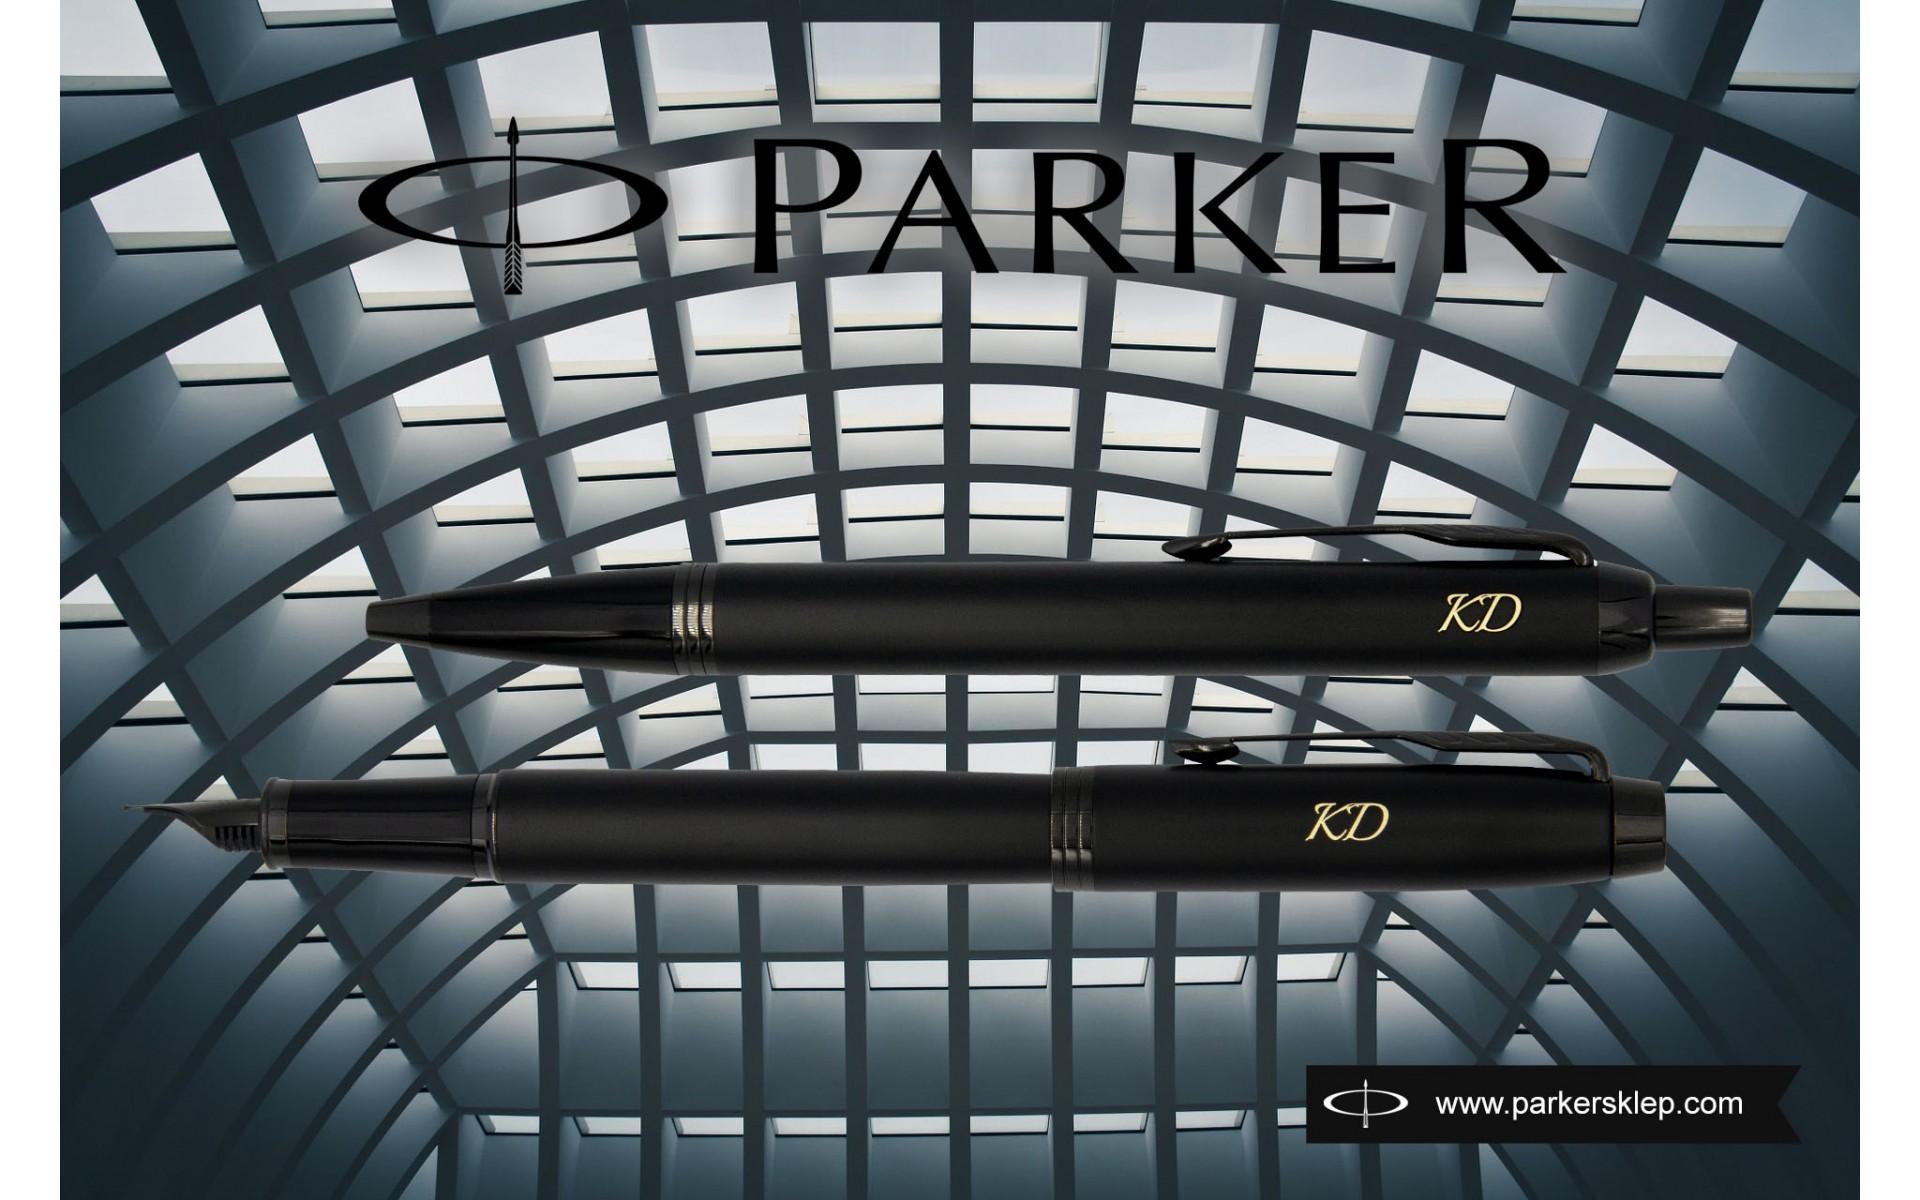 Pióro wieczne Parker IM oraz długopis Achromatic Czarny z grawerem